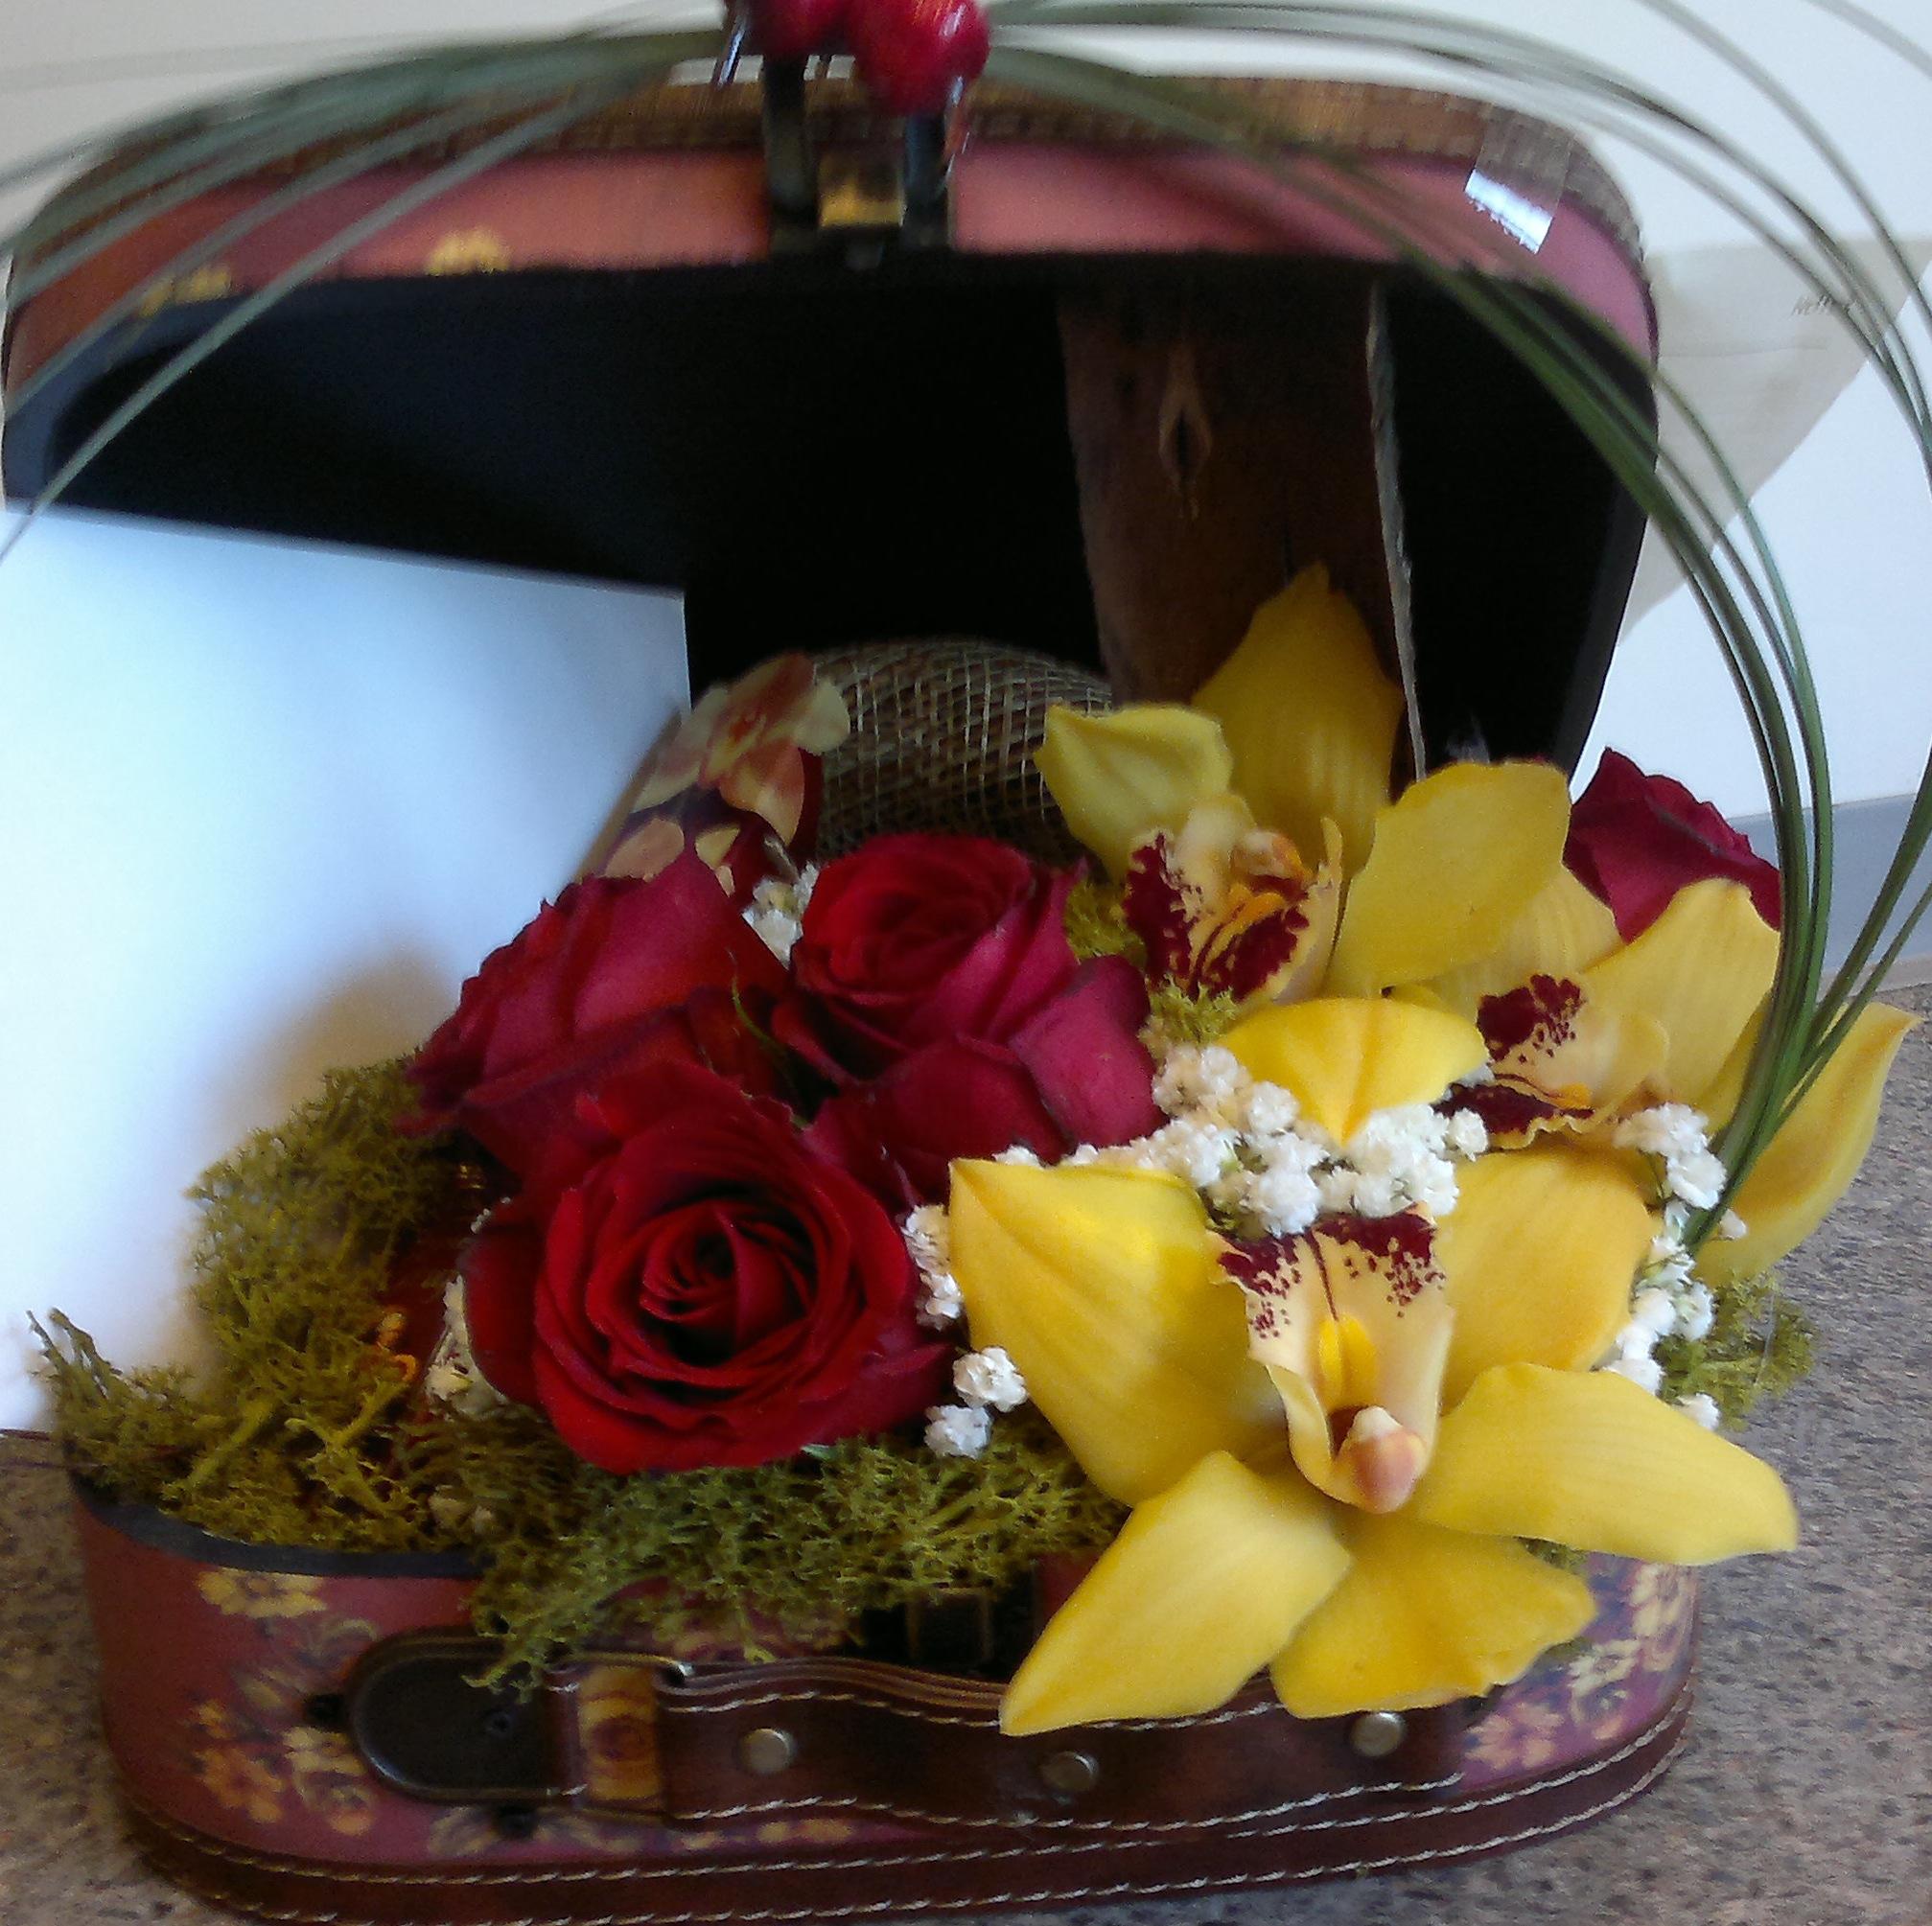 Cvetni aranžman crvene ruže i orhideje u kutiji